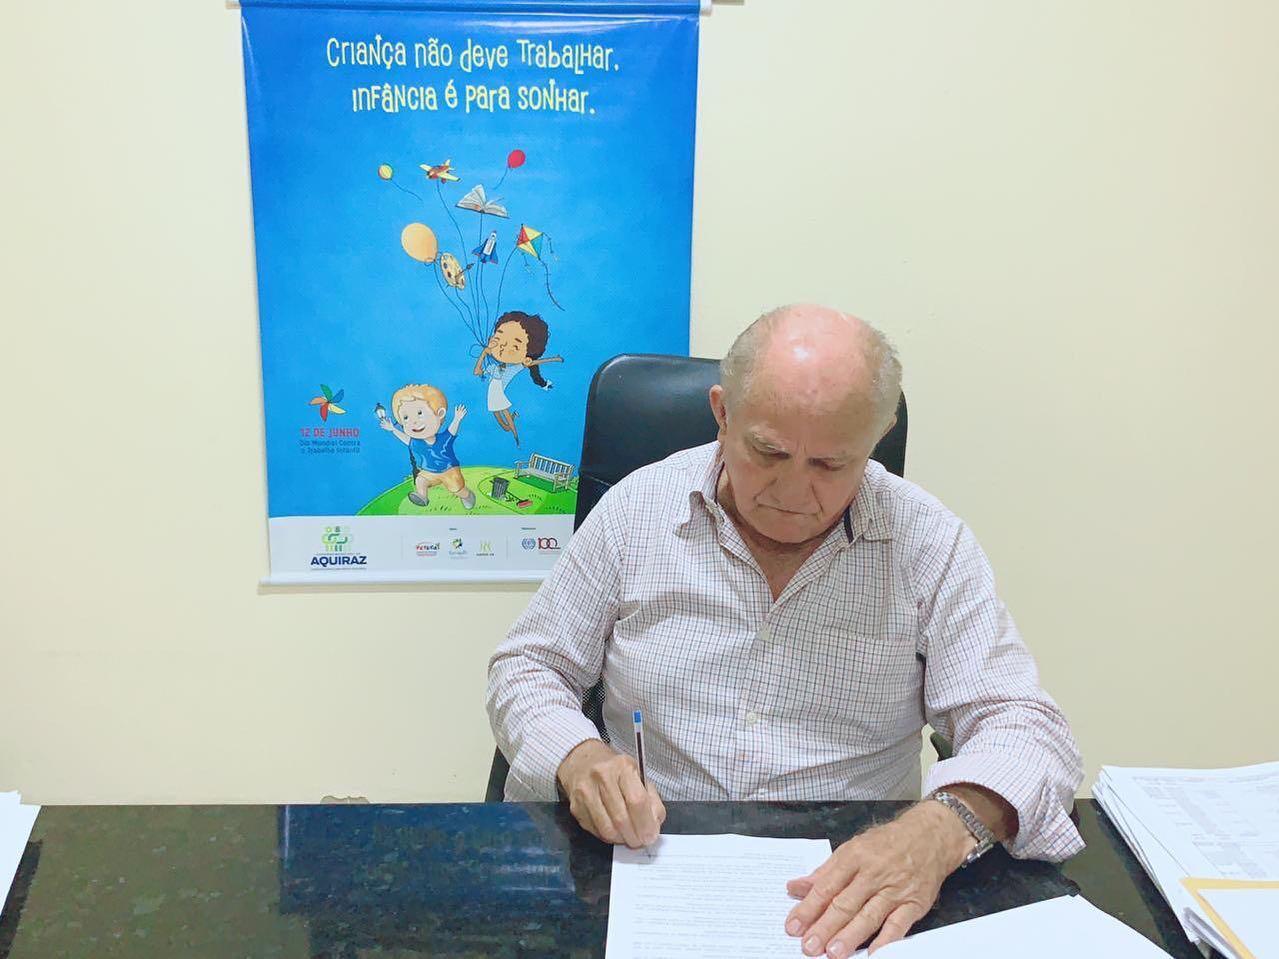 Prefeitura de Aquiraz reforça compromisso com erradicação do trabalho infantil e Escola em Tempo Integral